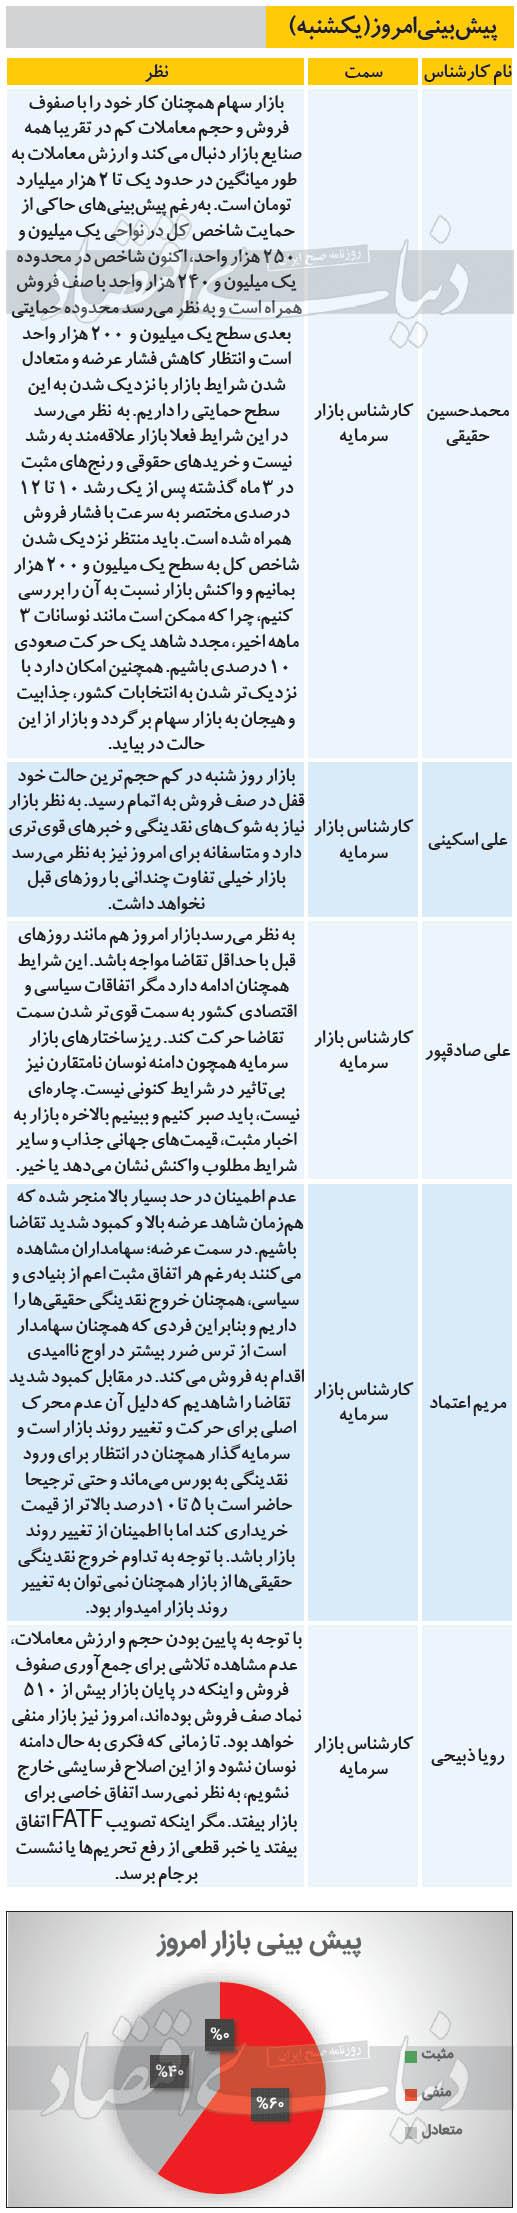 پیشبینی کارشناسان بورسی از وضعیت امروز بورس